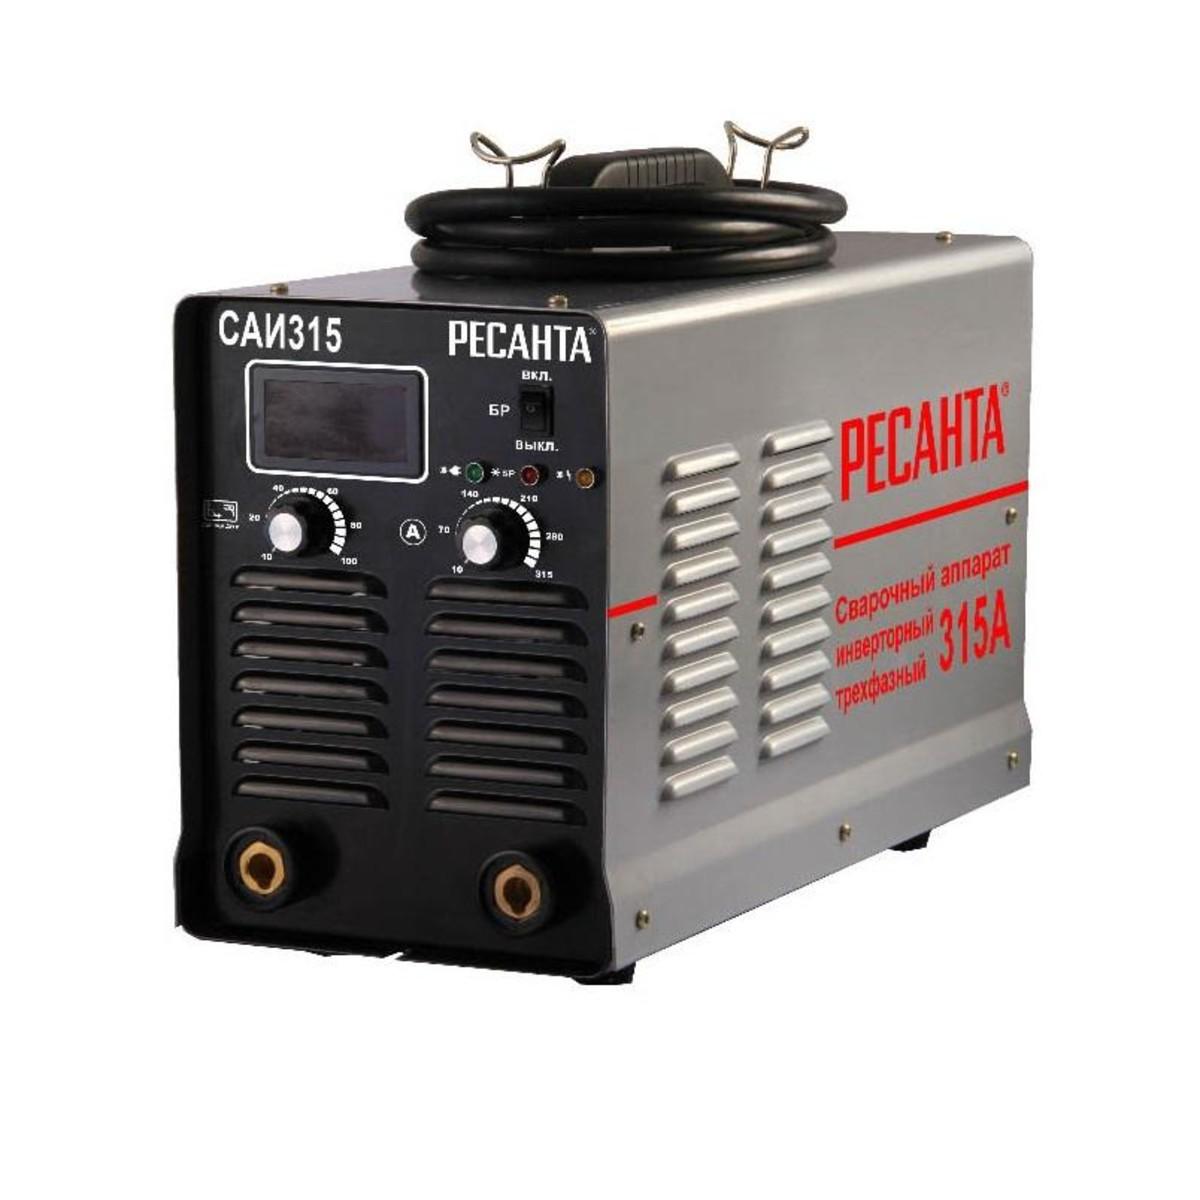 Дуговой Сварочный Инвертор Ресанта Саи 315 65/25